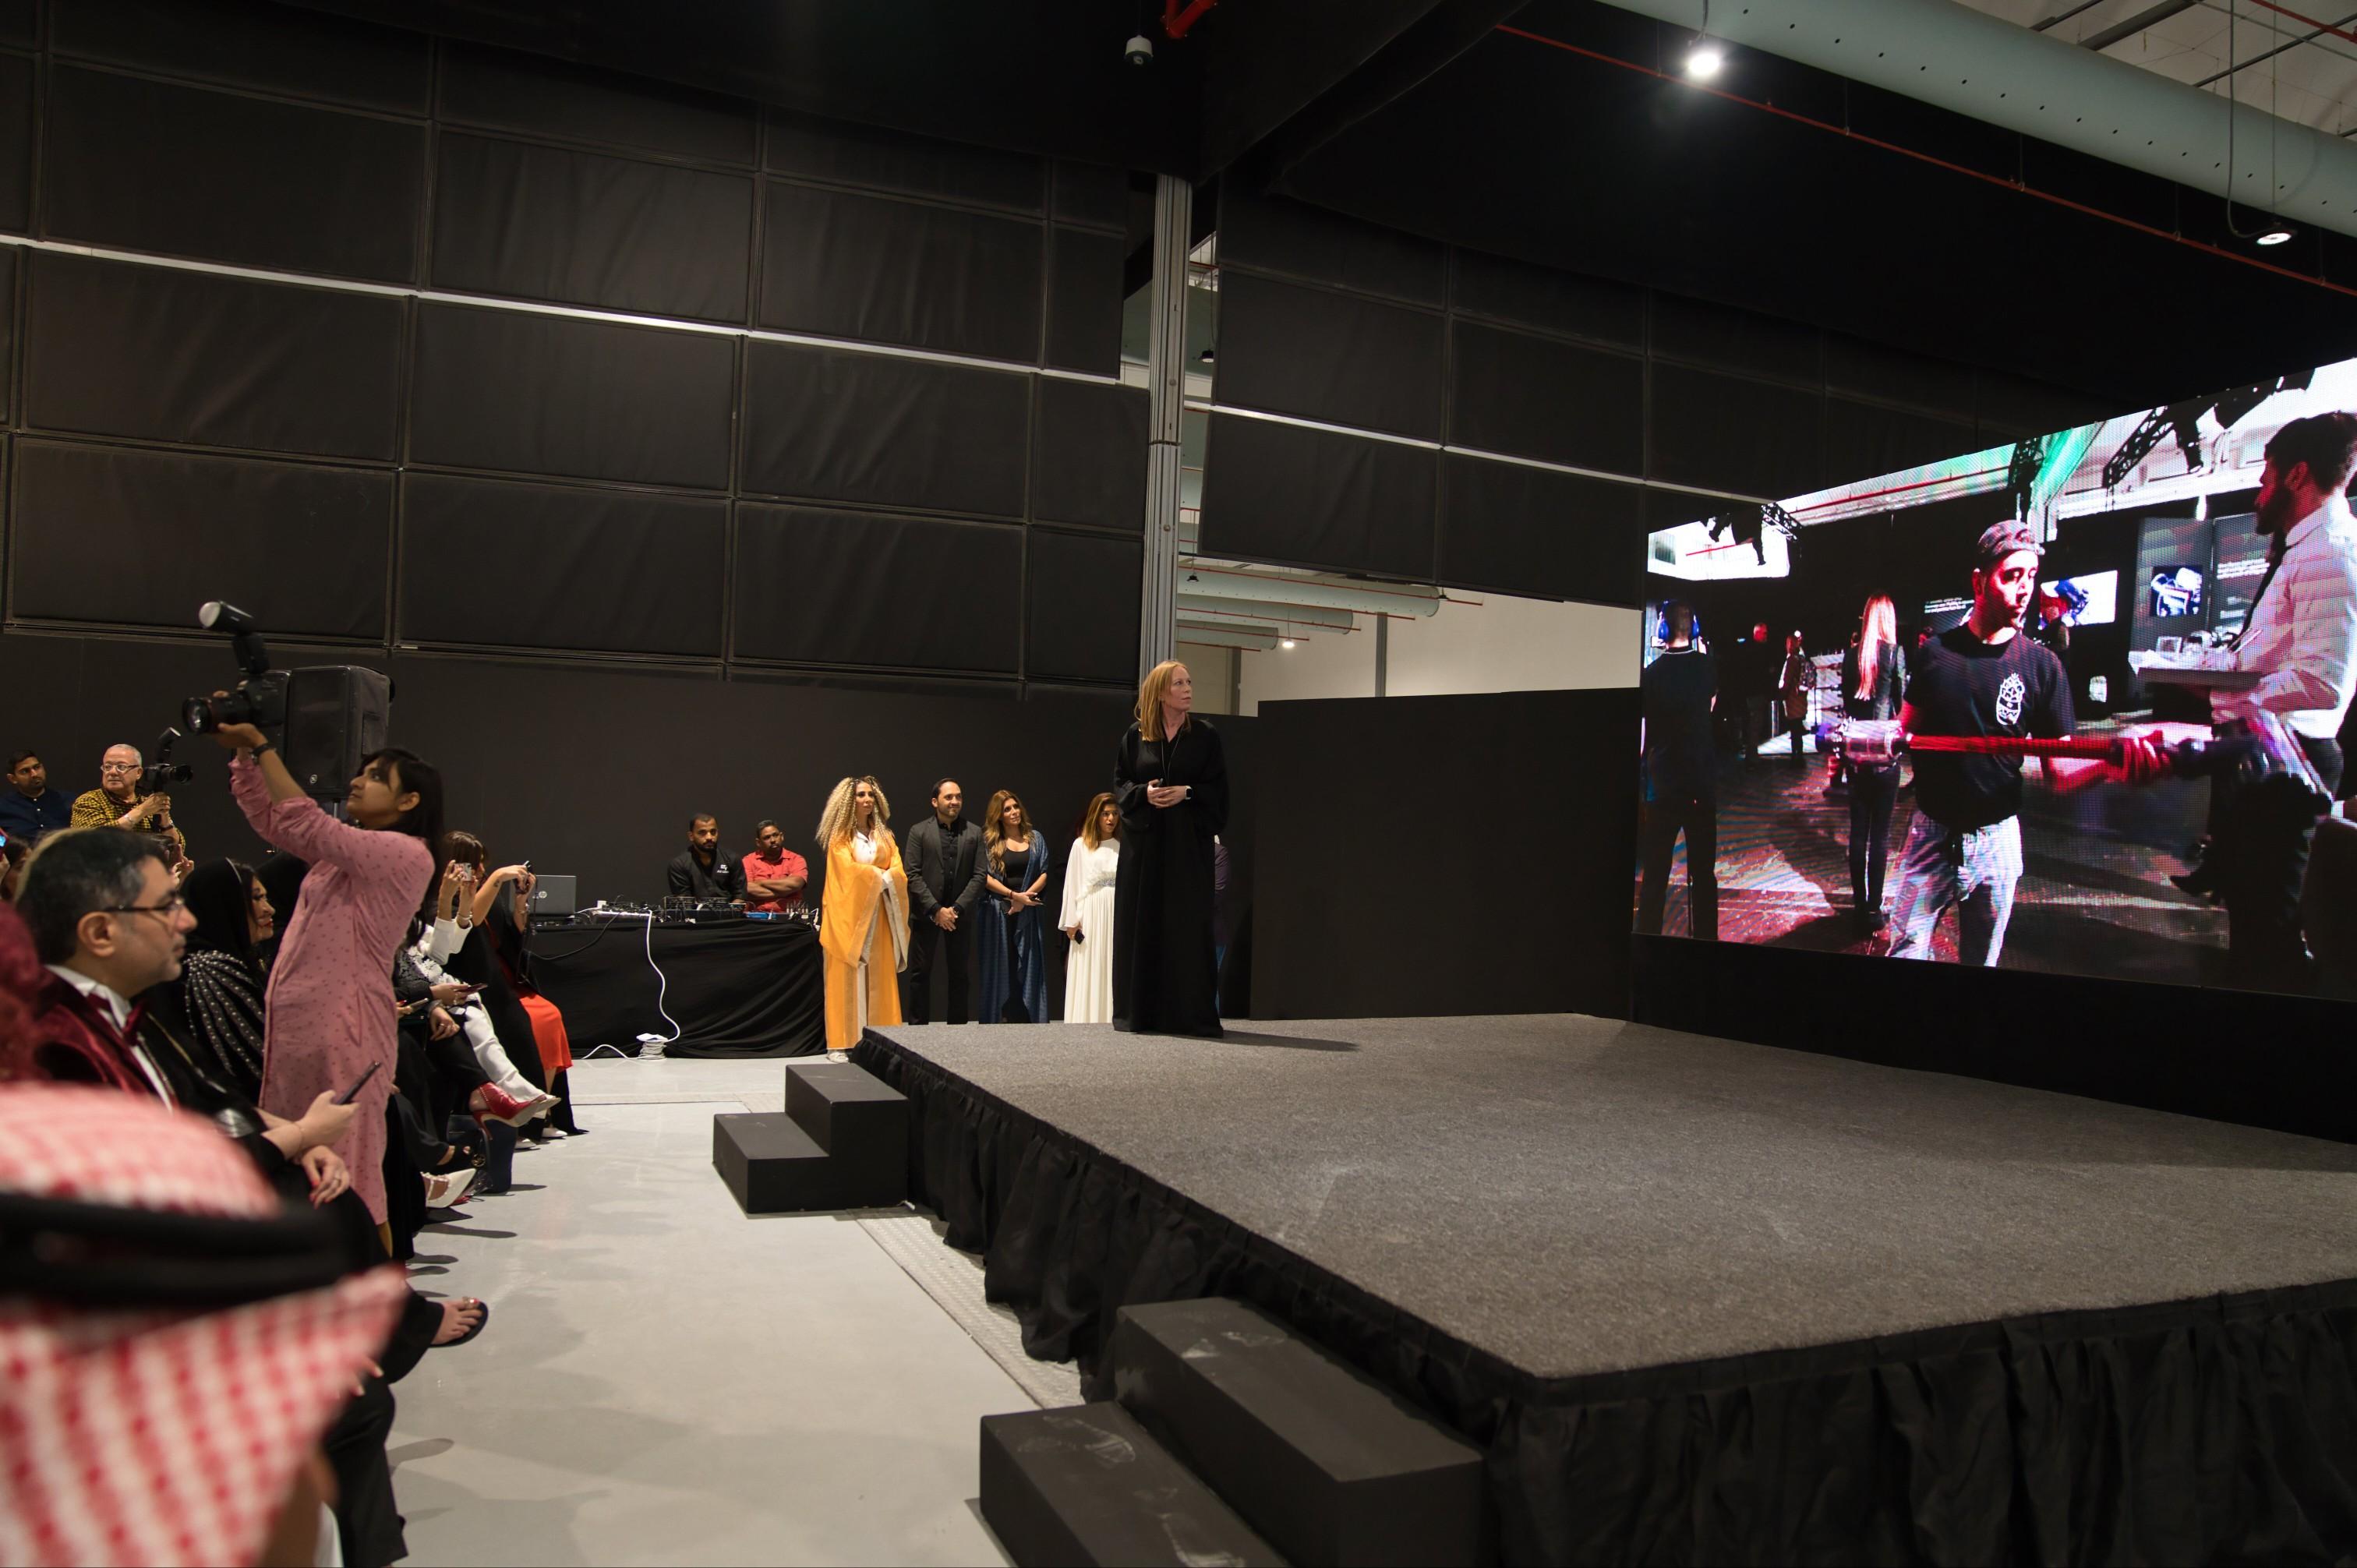 دايسون تعلن عن إطلاق ثلاثة منتجات مبتكرة في السعودية